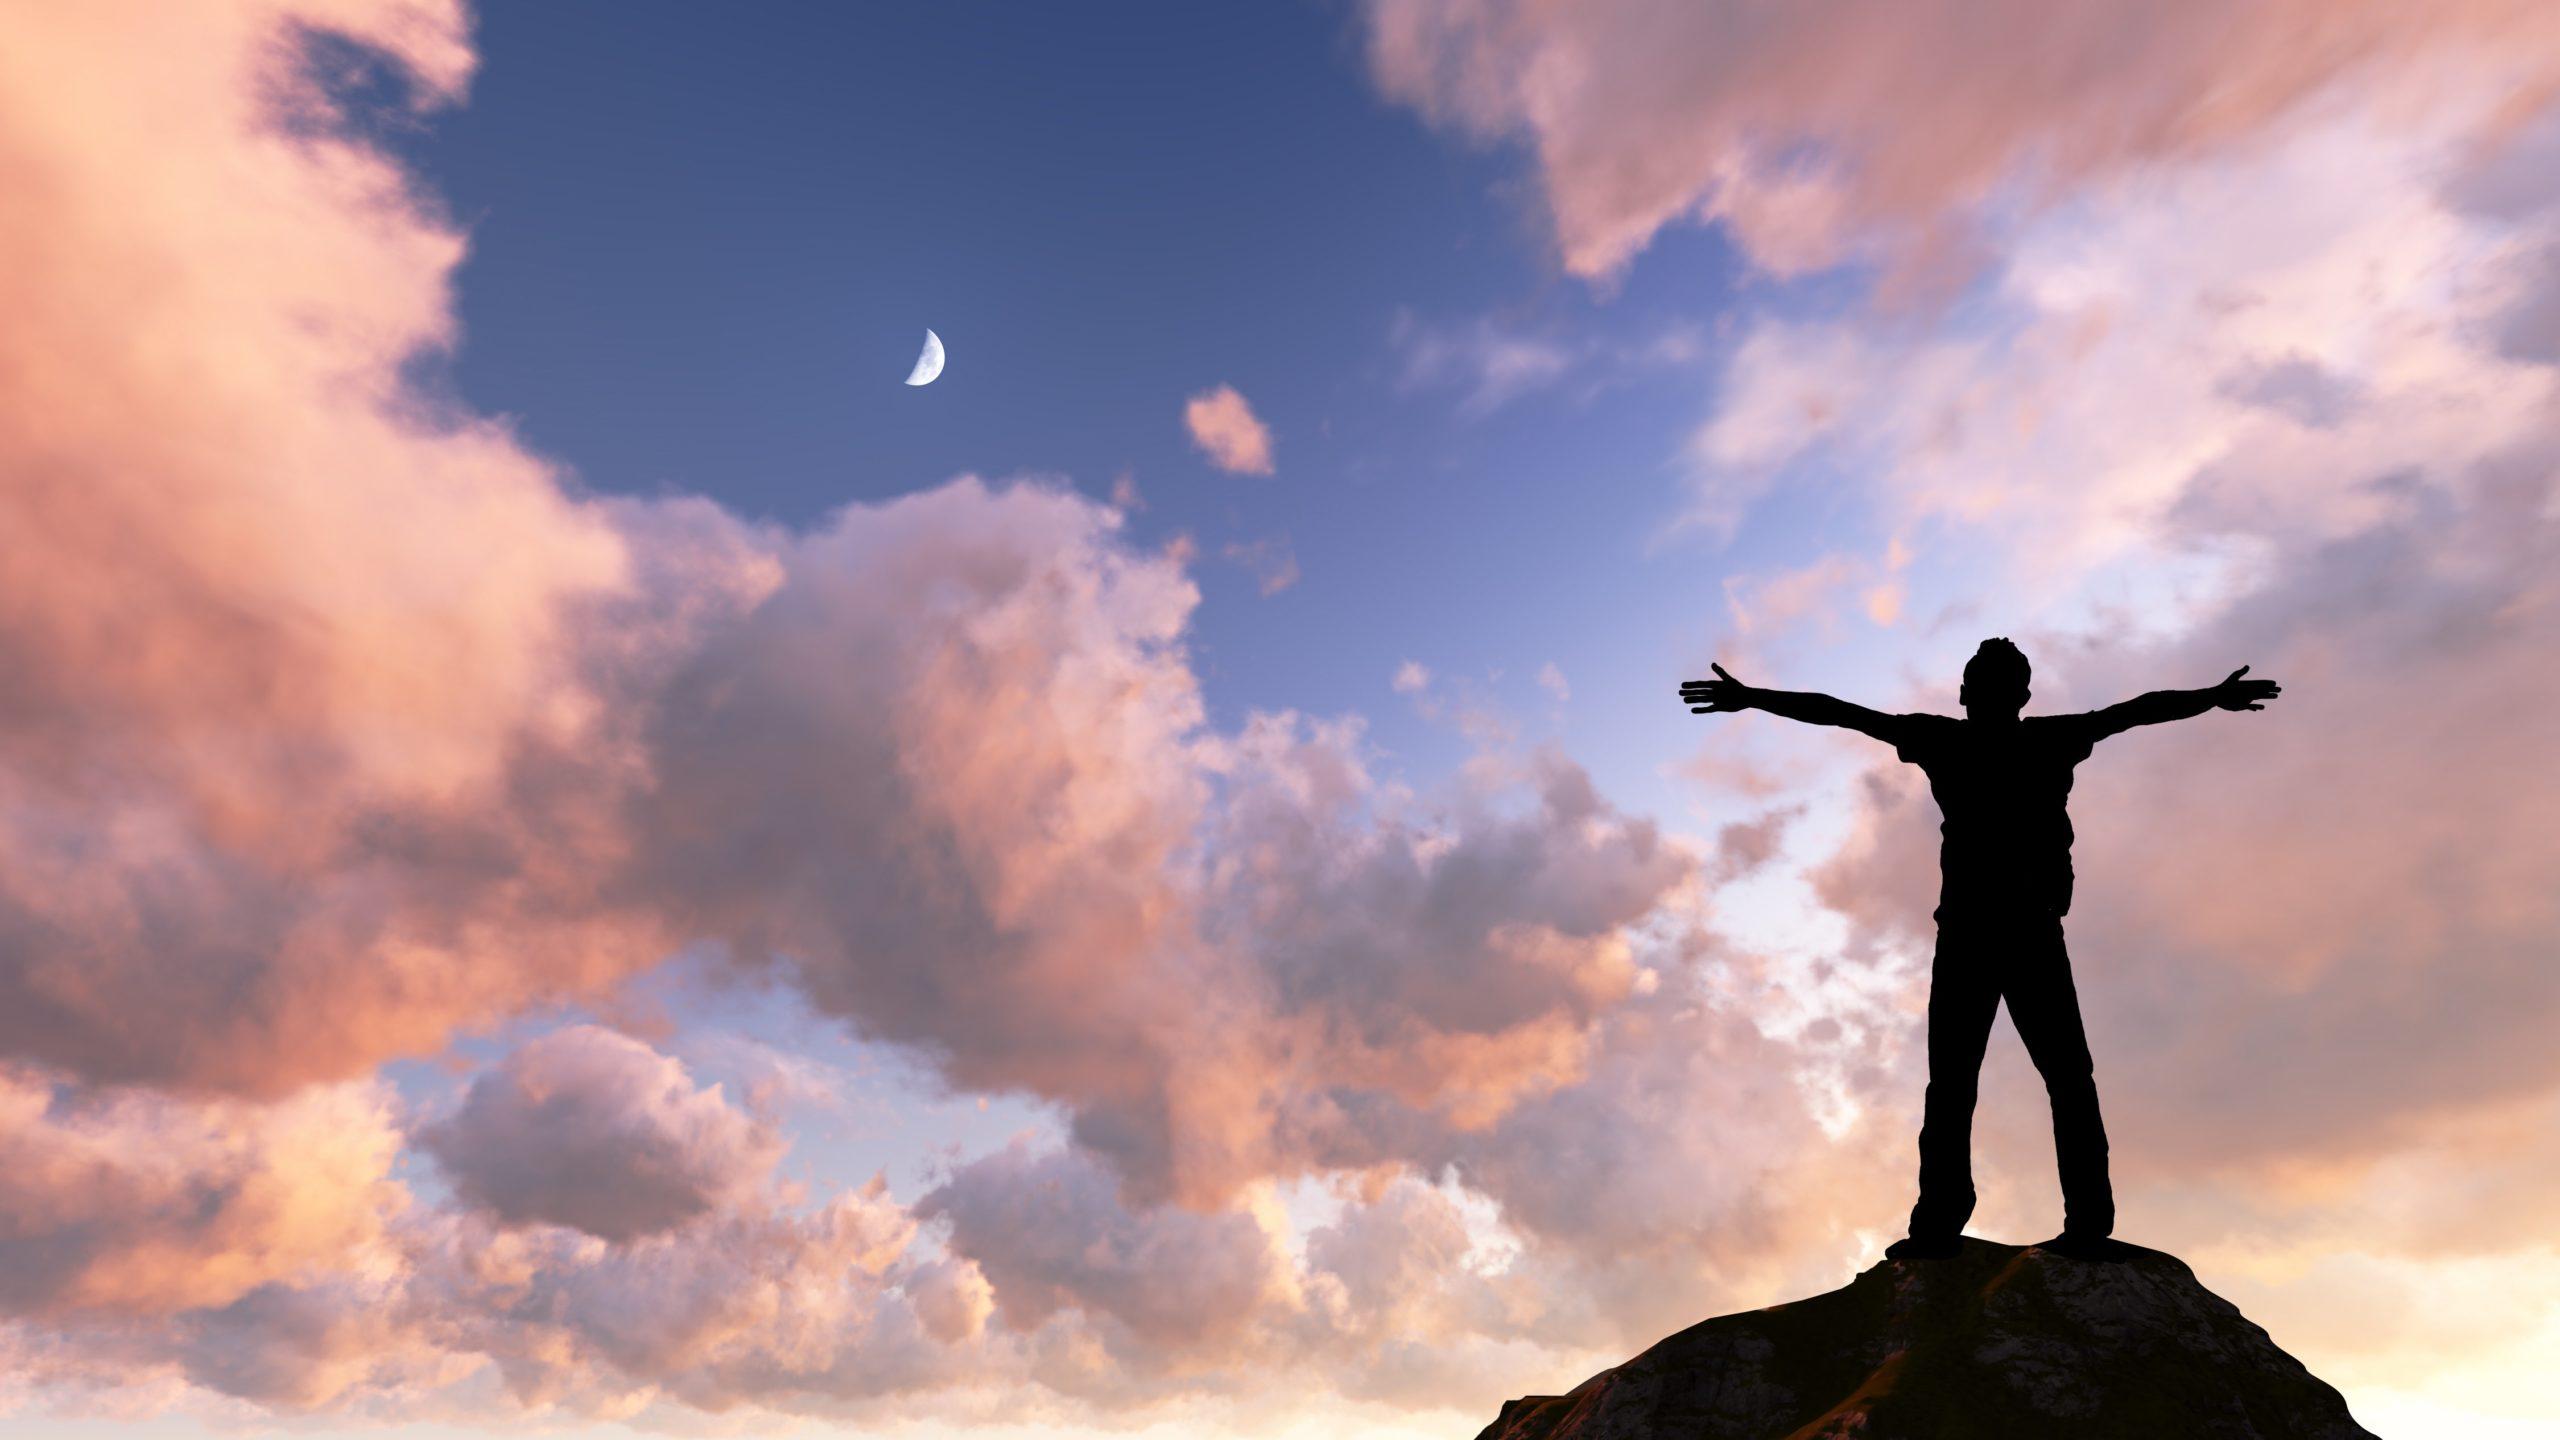 Il senso della libertà riconquistata. Il Nei Gong è davvero una via per migliorarsi!